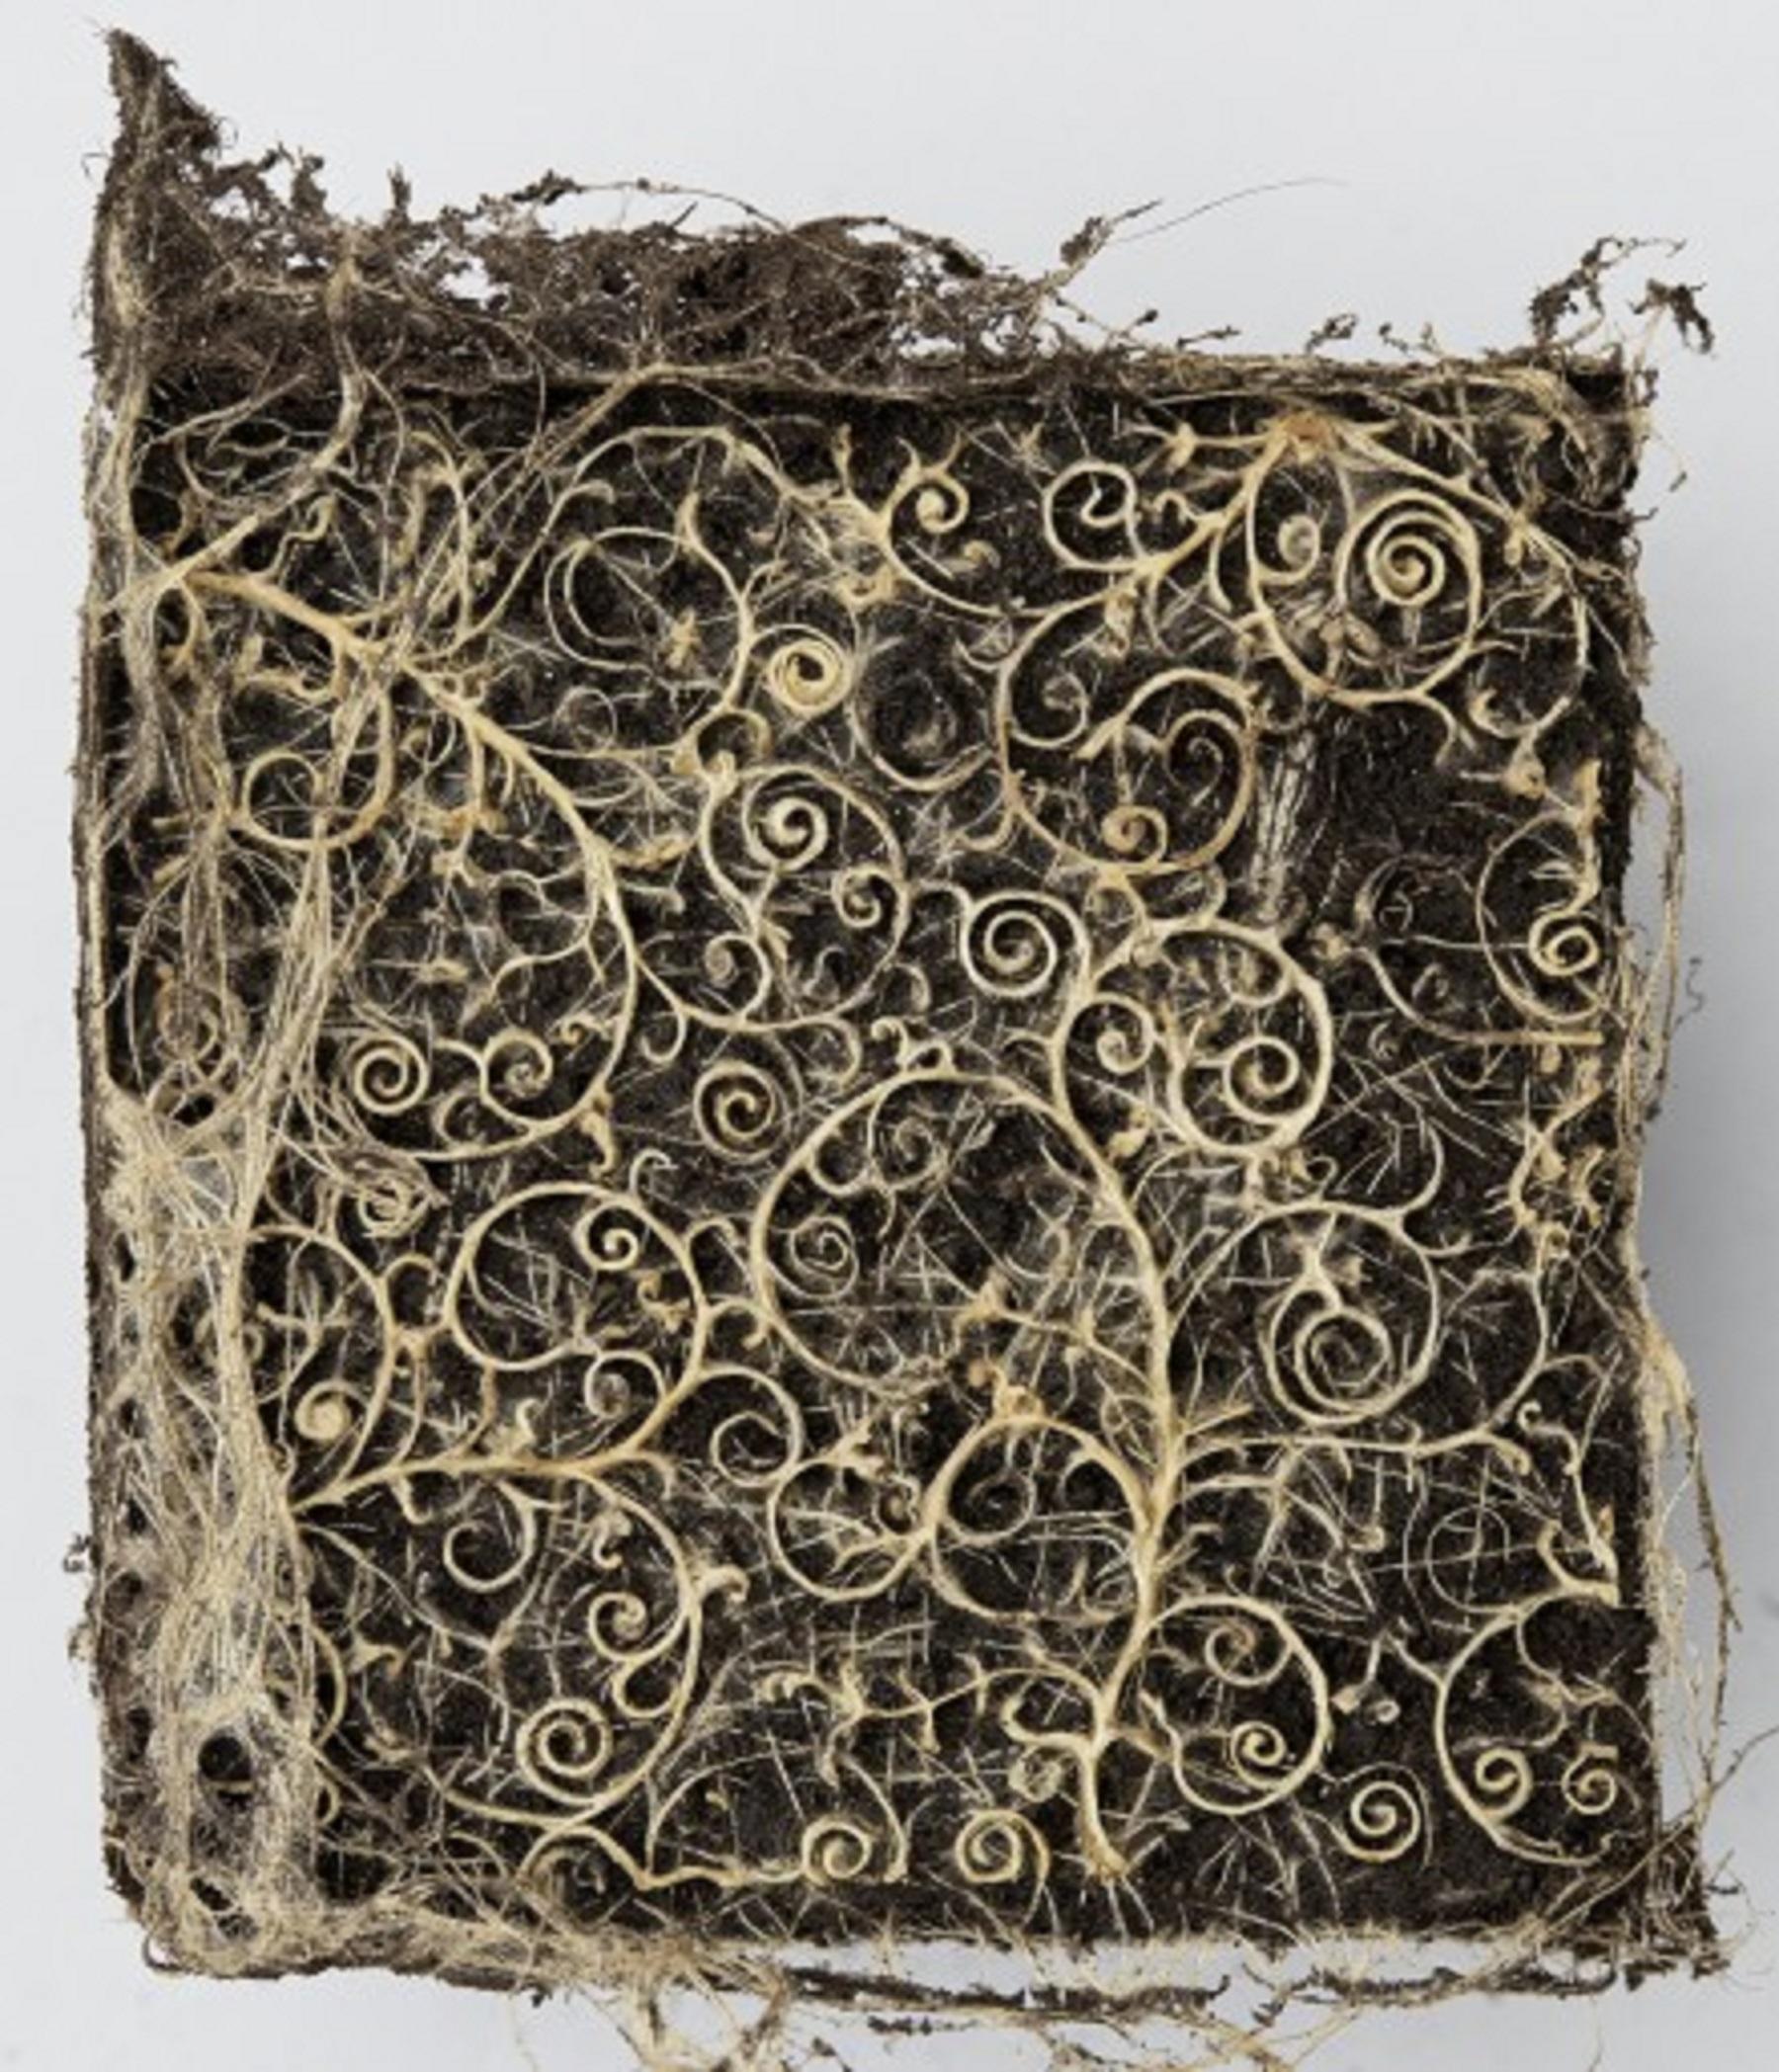 Artista guida la crescita delle radici, per creare opere d'arte